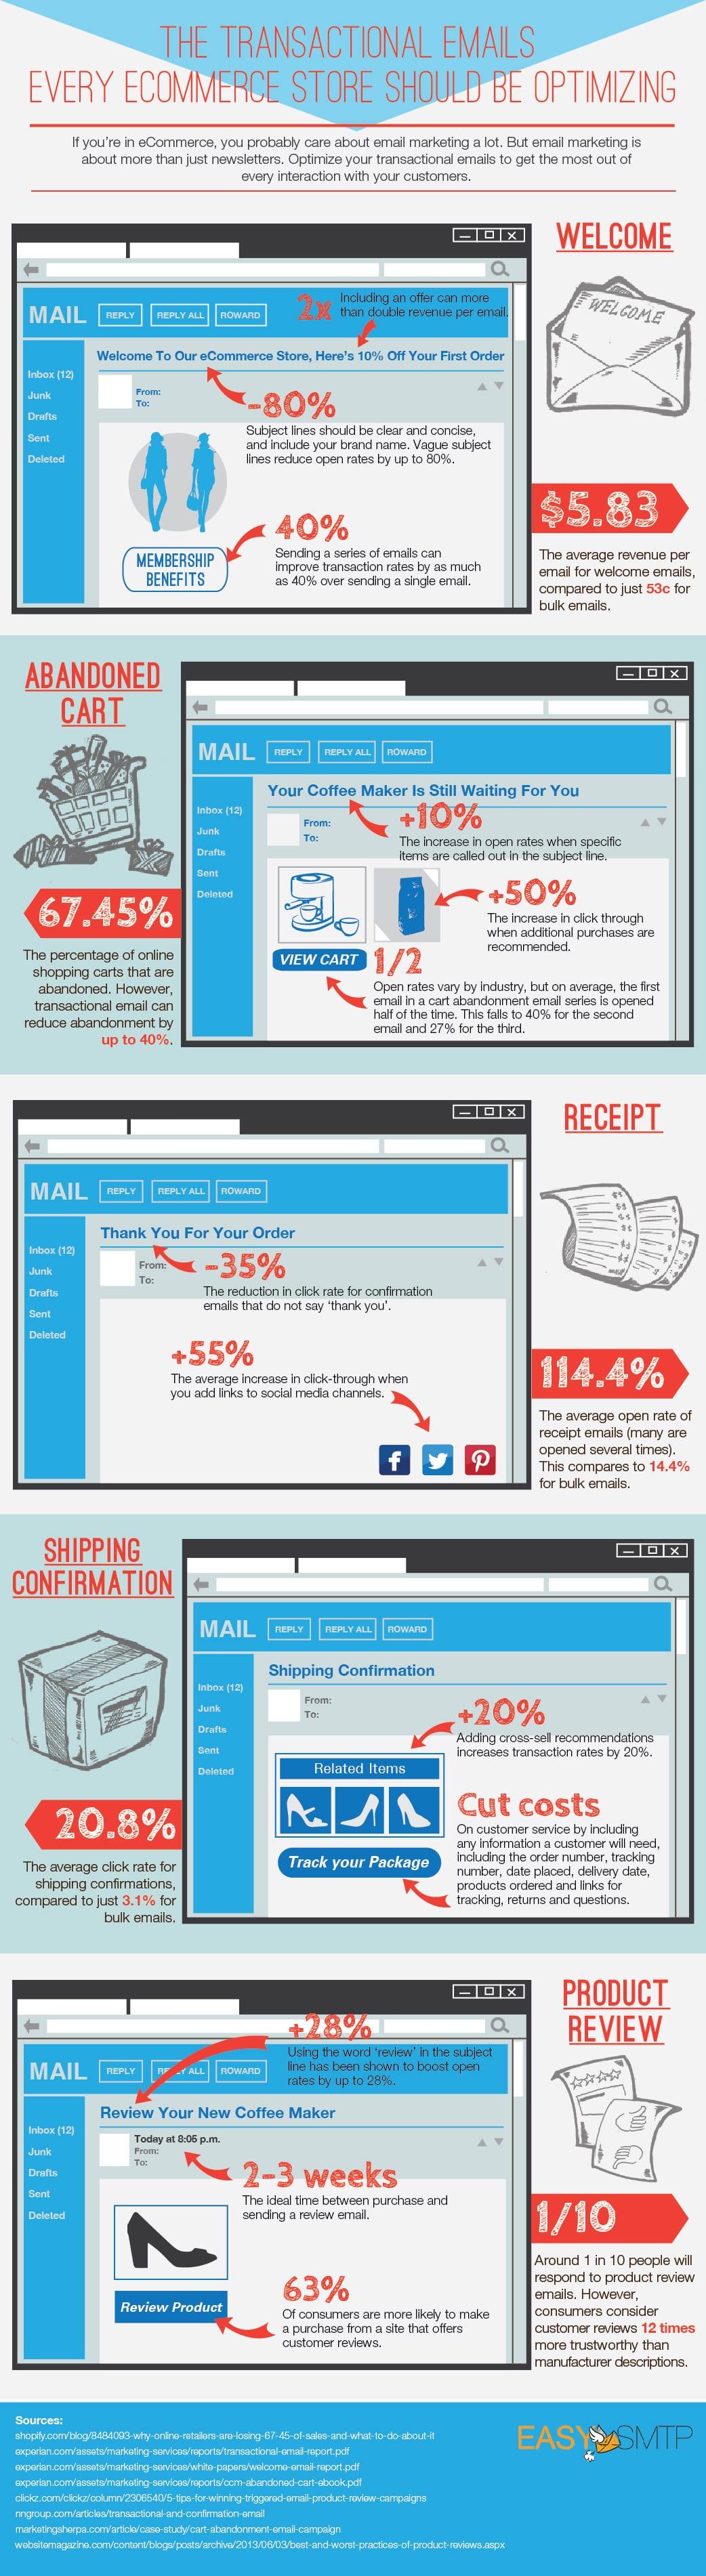 infographic_ecommerce